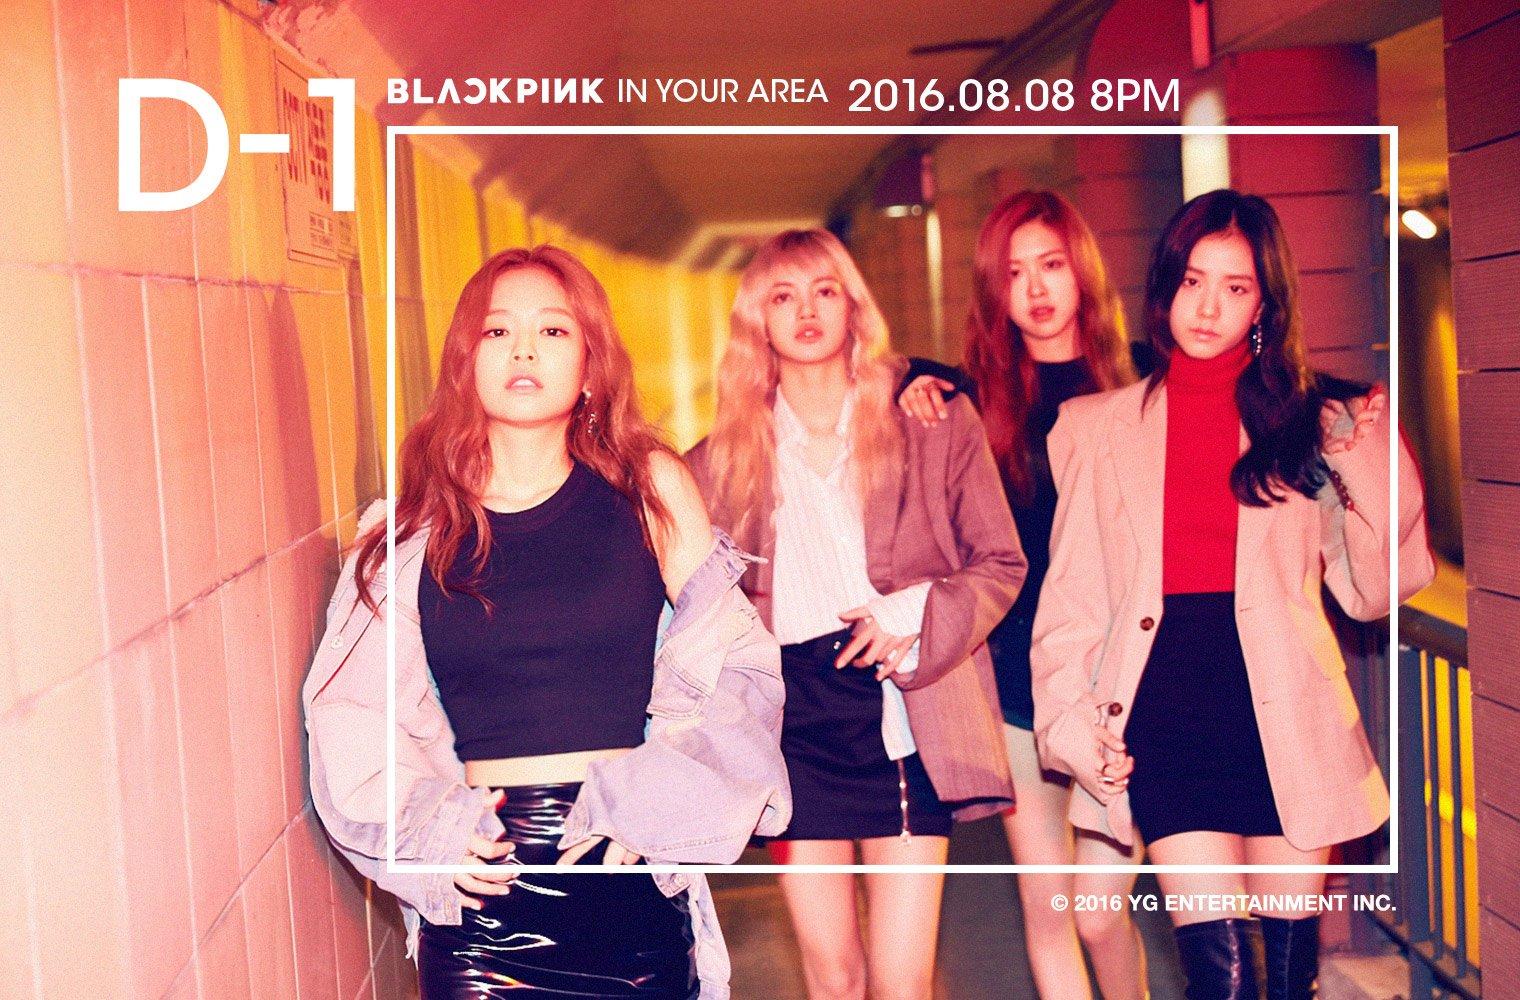 1 Day Left Until BLACKPINK's Debut; New Group Teaser Released